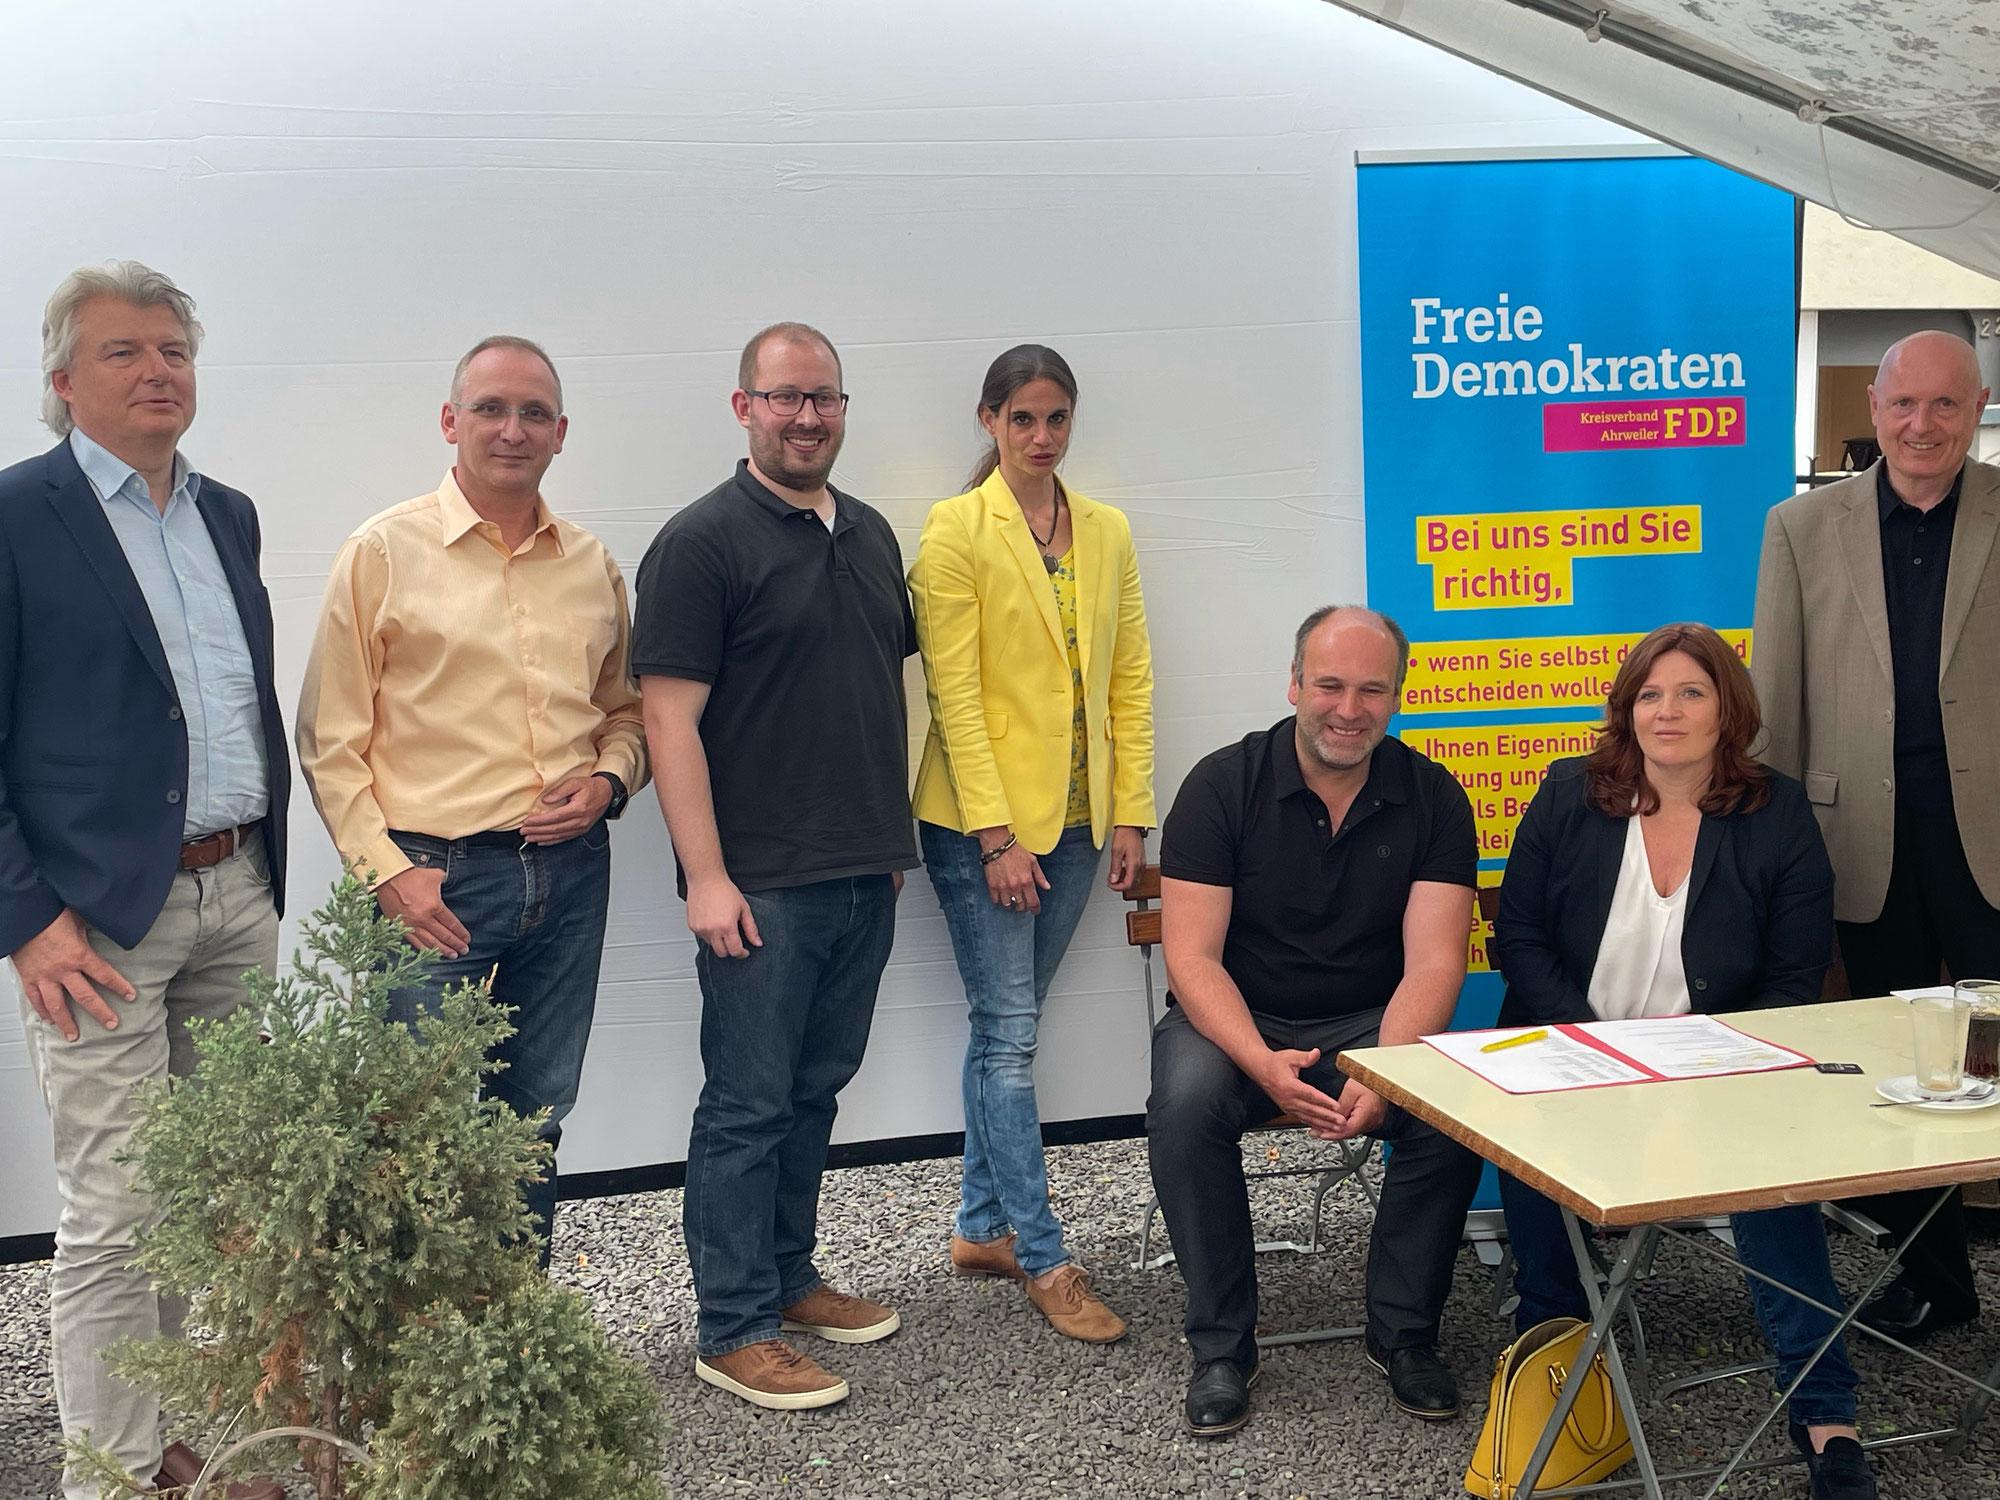 FDP sieht sich beim Kreisparteitag im Aufwind